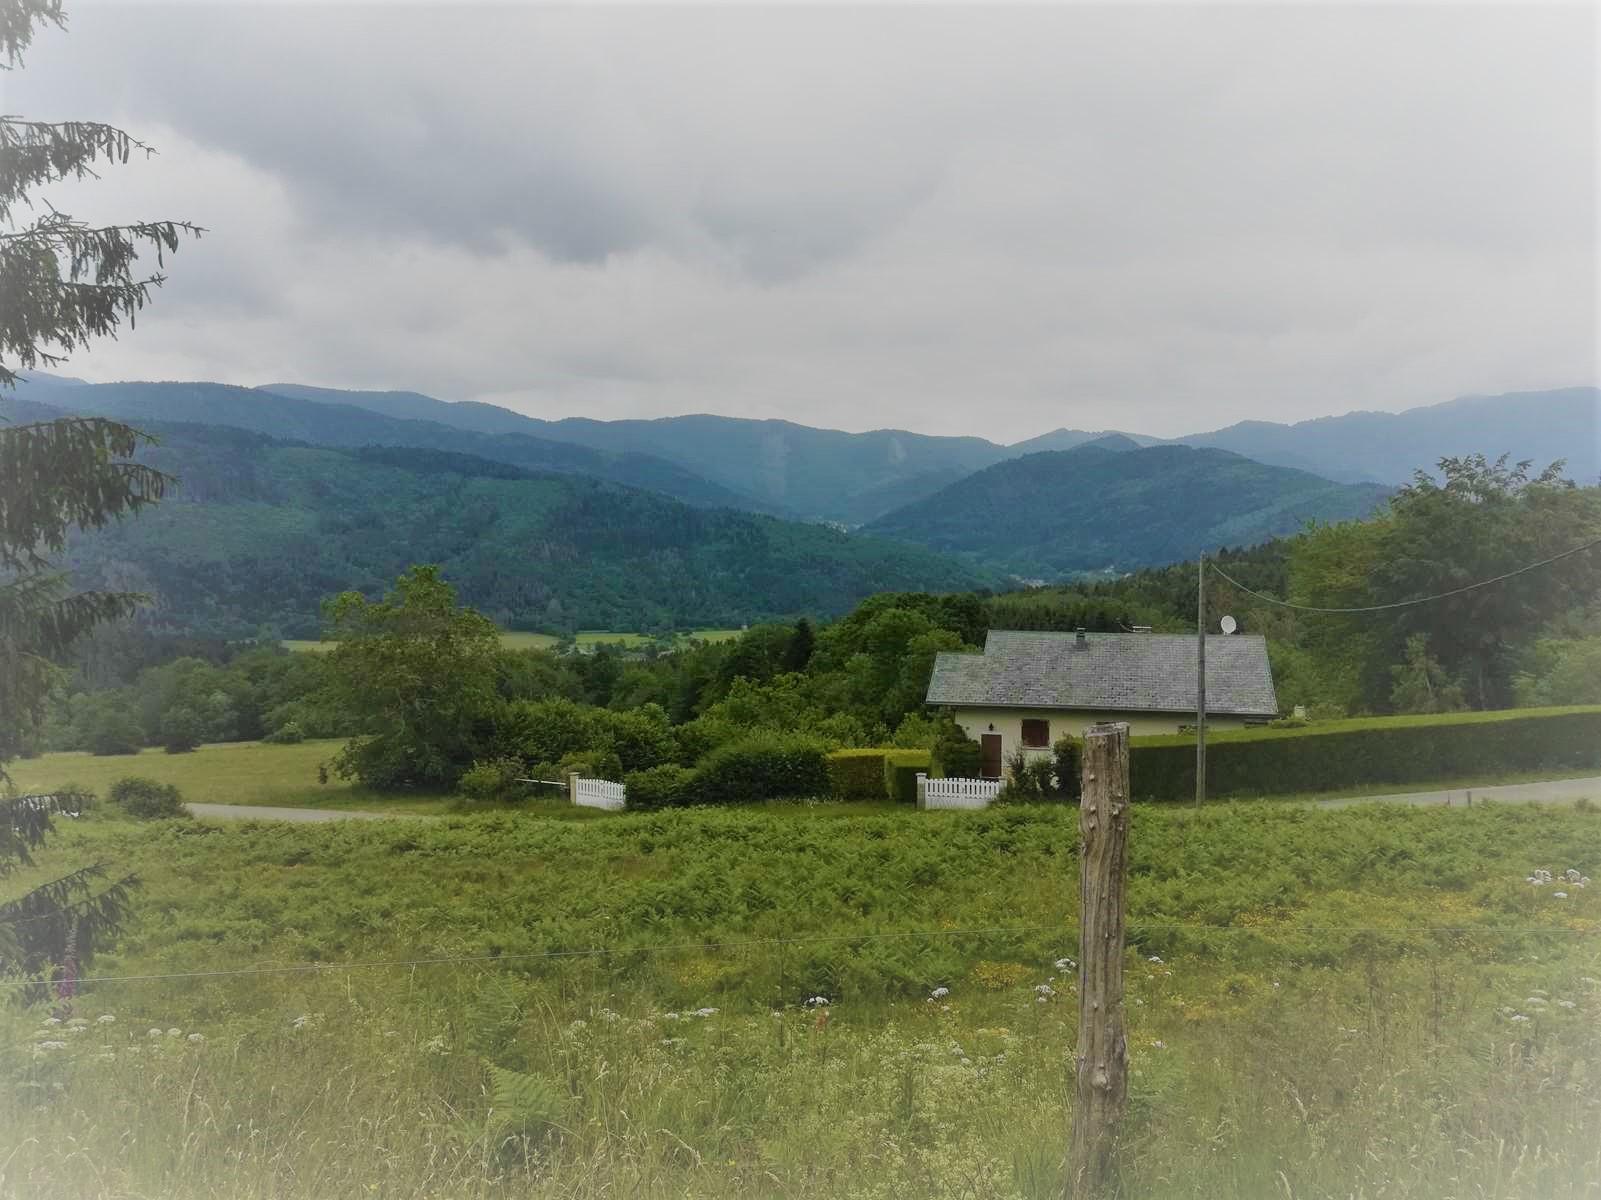 Valléee de Masevaux - en face le Rimbachkopf